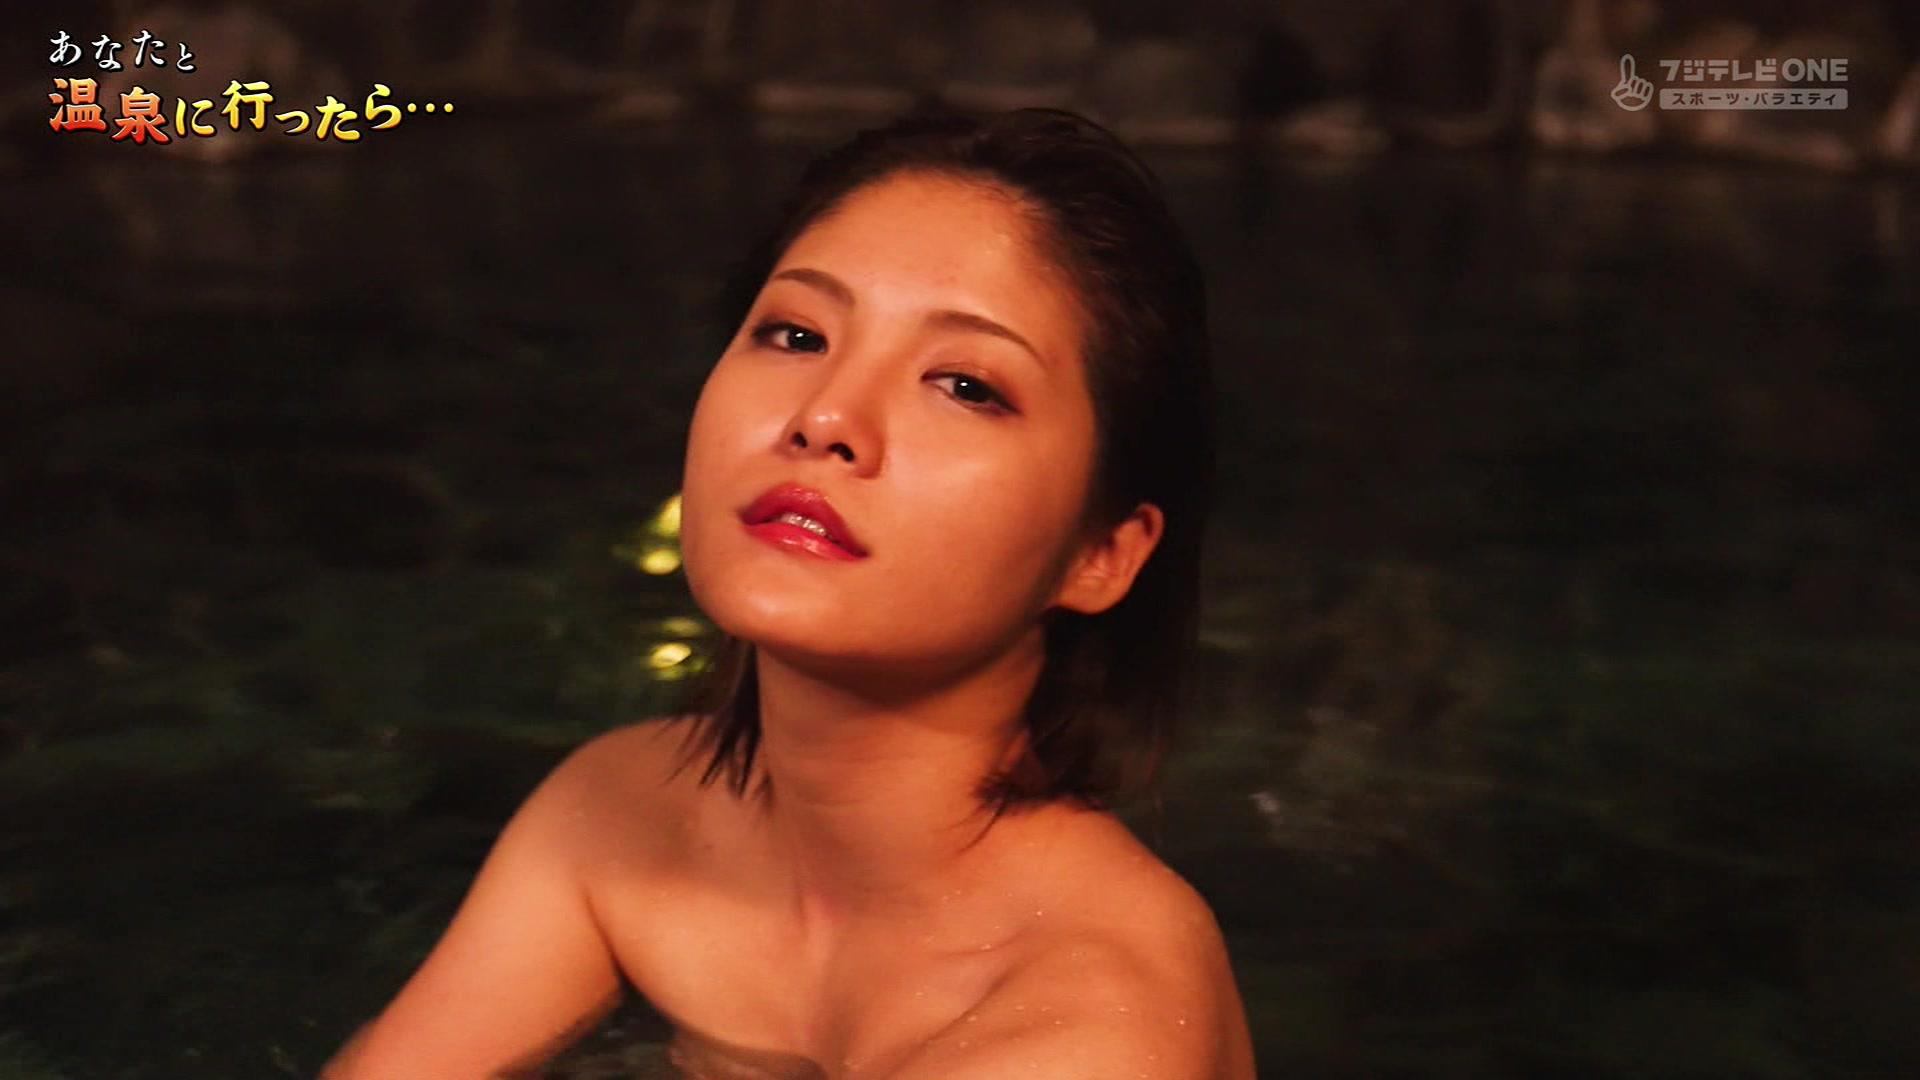 CSフジテレビONEで放送された「あなたと温泉に行ったら」♯2に出演した麻木玲那さんのテレビキャプチャー画像-118